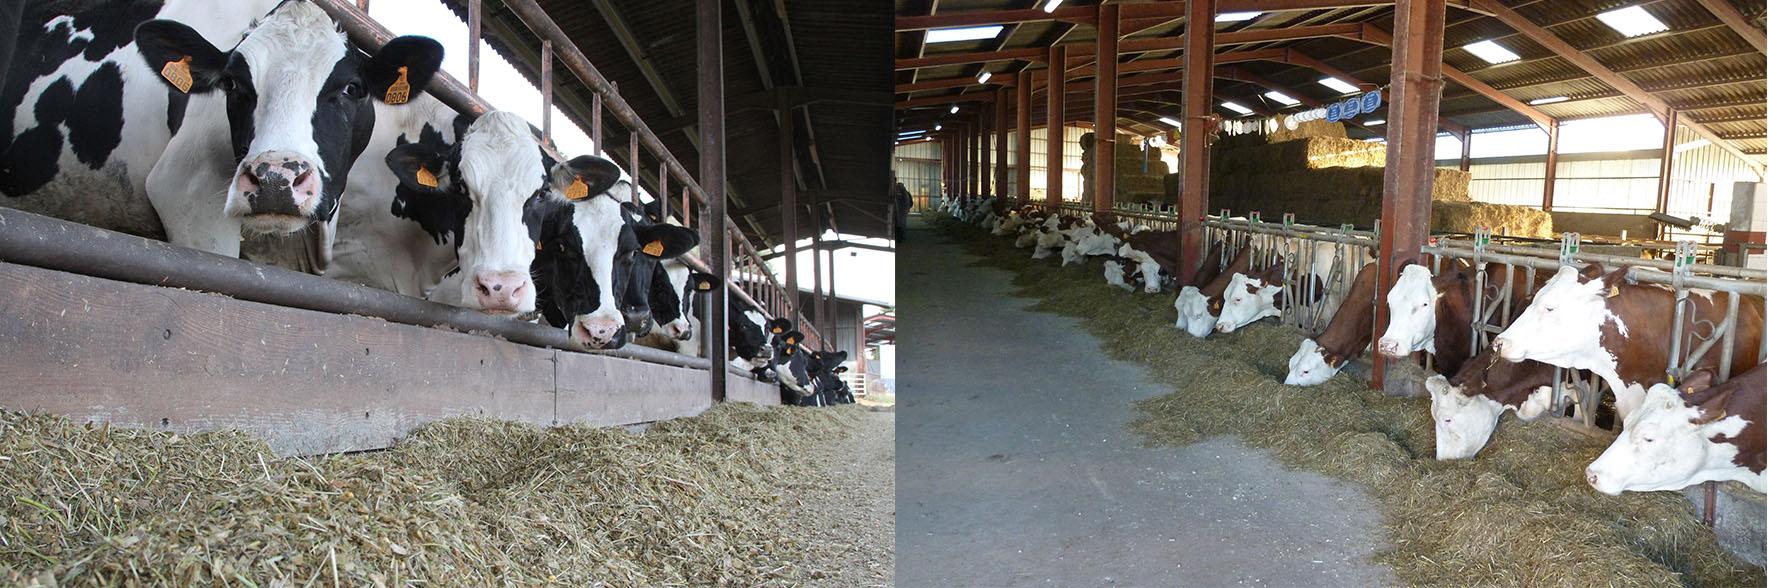 Vaches Laitières Prim'holstein et Montbéliarde au Cornadis